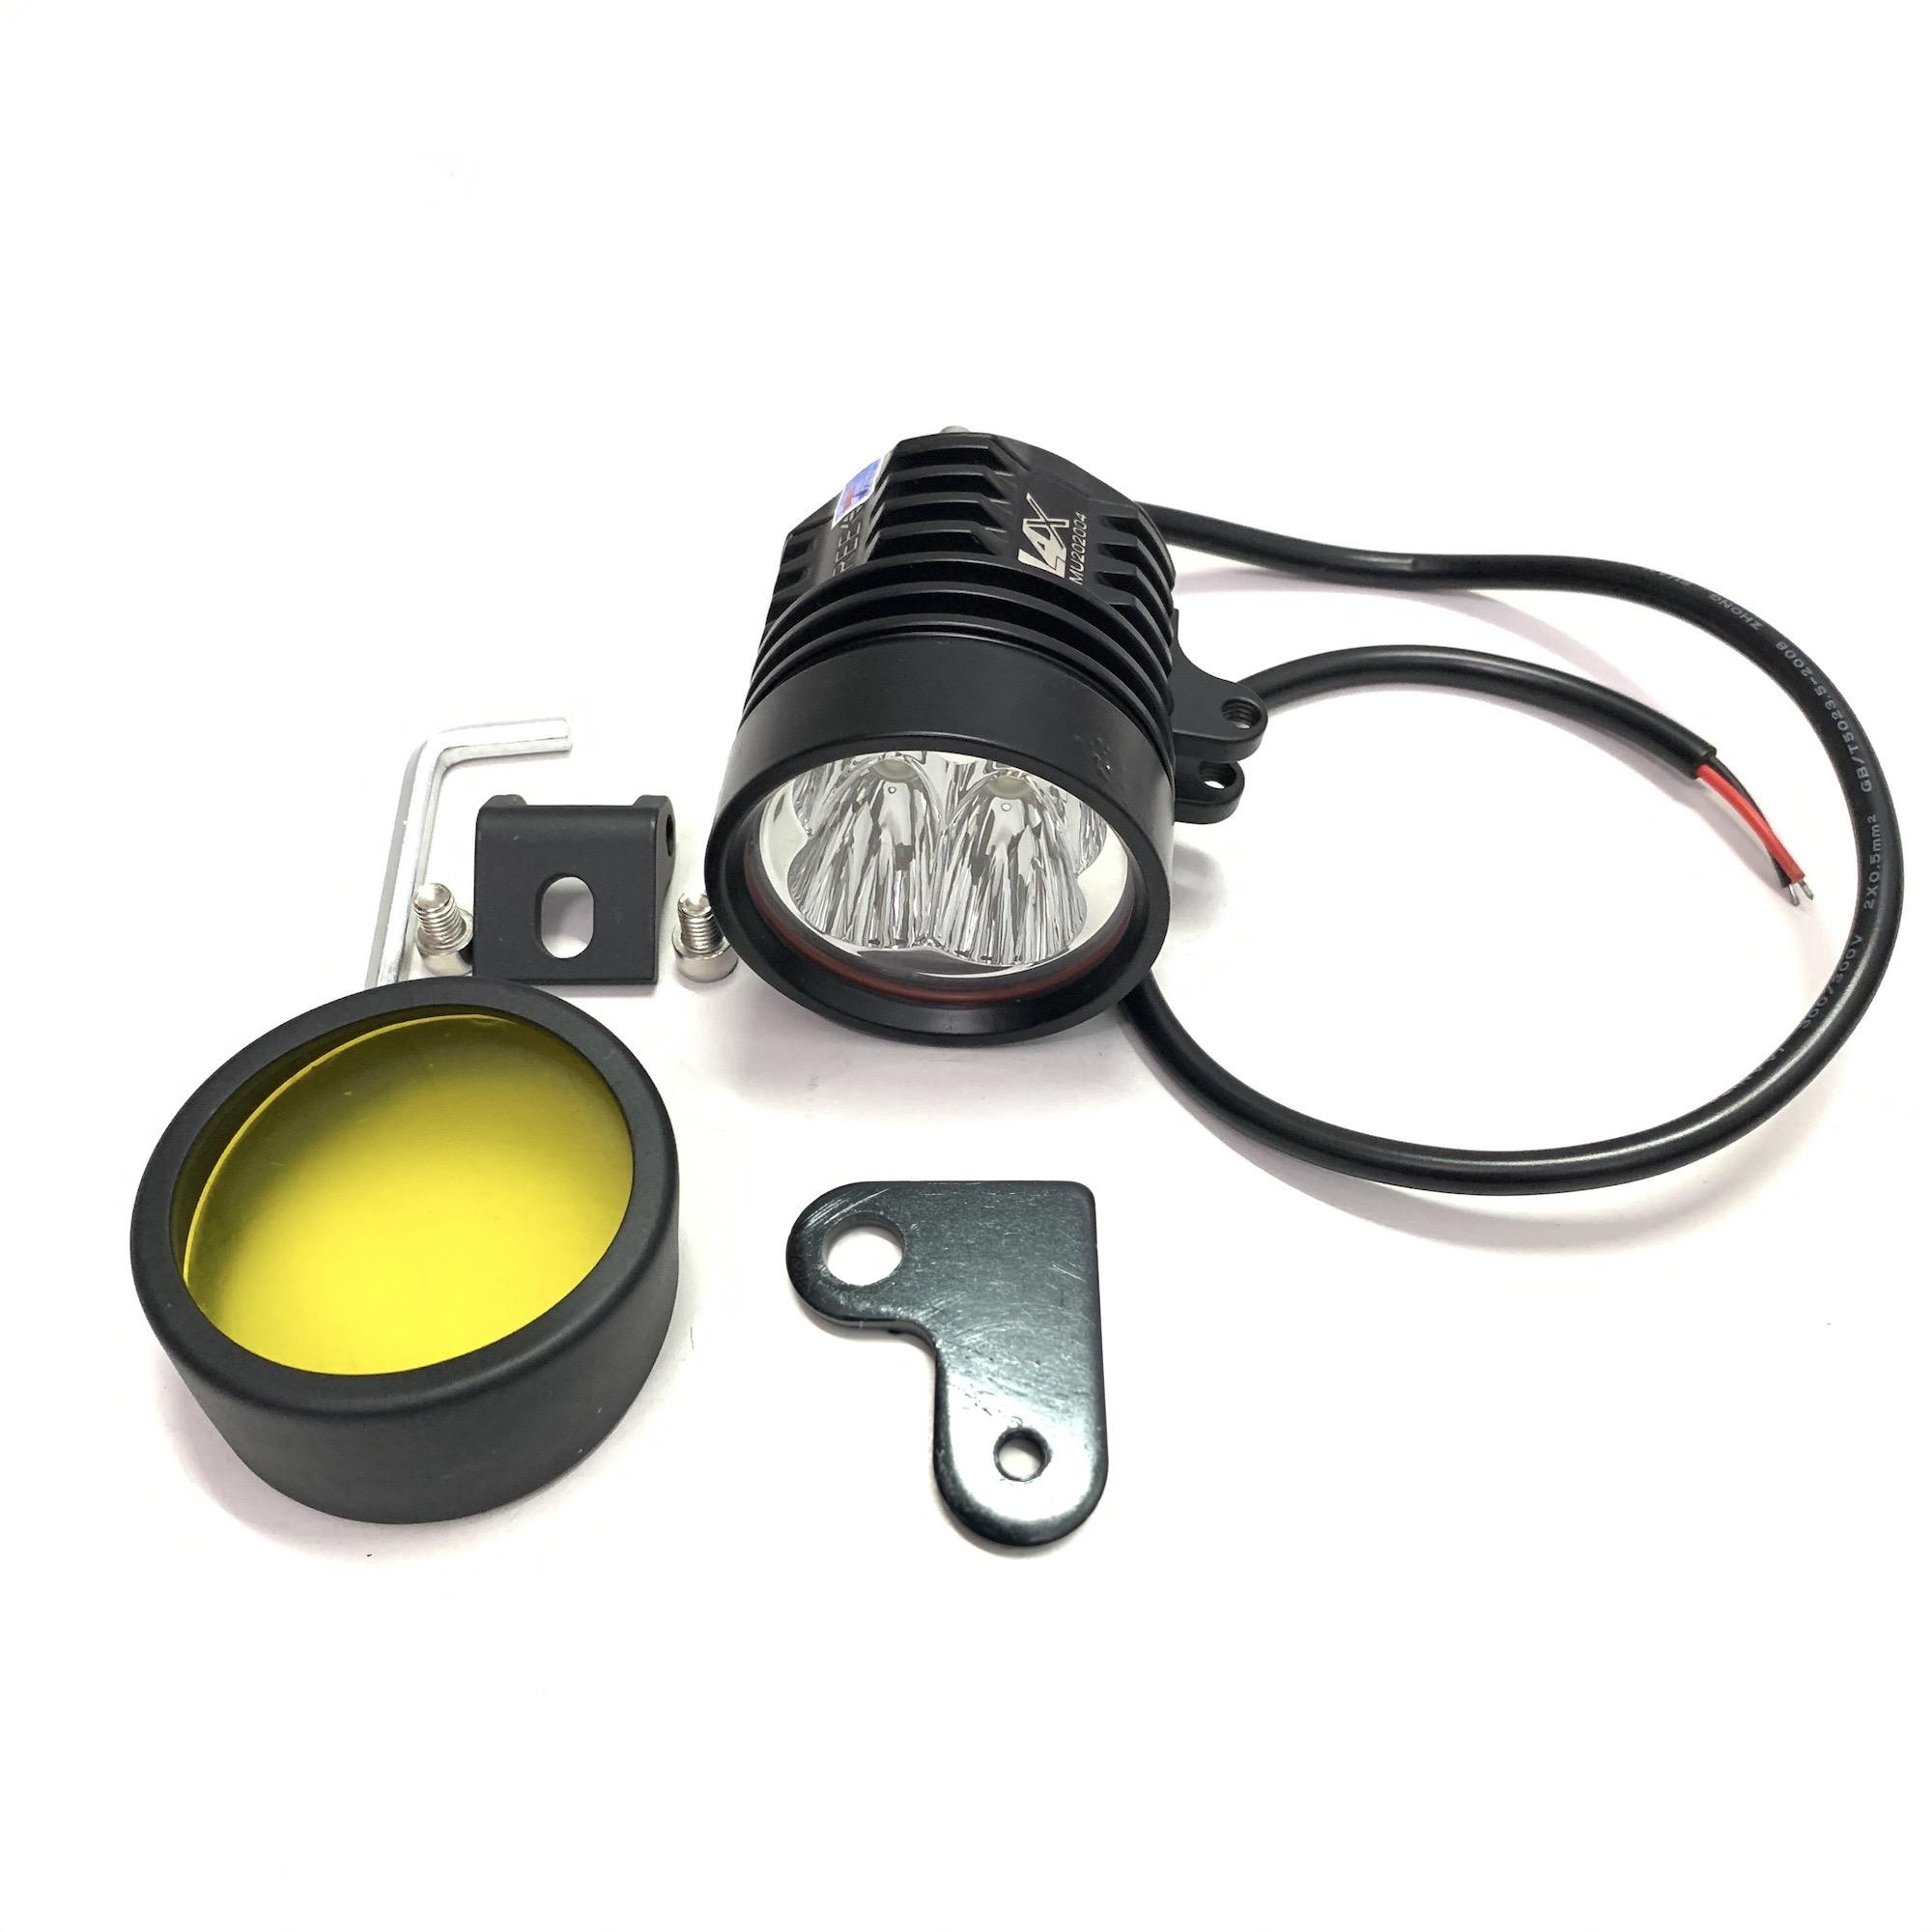 [HCM]đèn trợ sáng l4x 40W thương hiệu Thanh Khang tặng pat nhôm cnc Chụp len vàng đi mưa công tắc Sản Phẩm Chất Lượng Gian Hàng Uy Tín Giá Cả Cực Tốt Mua Ngay.